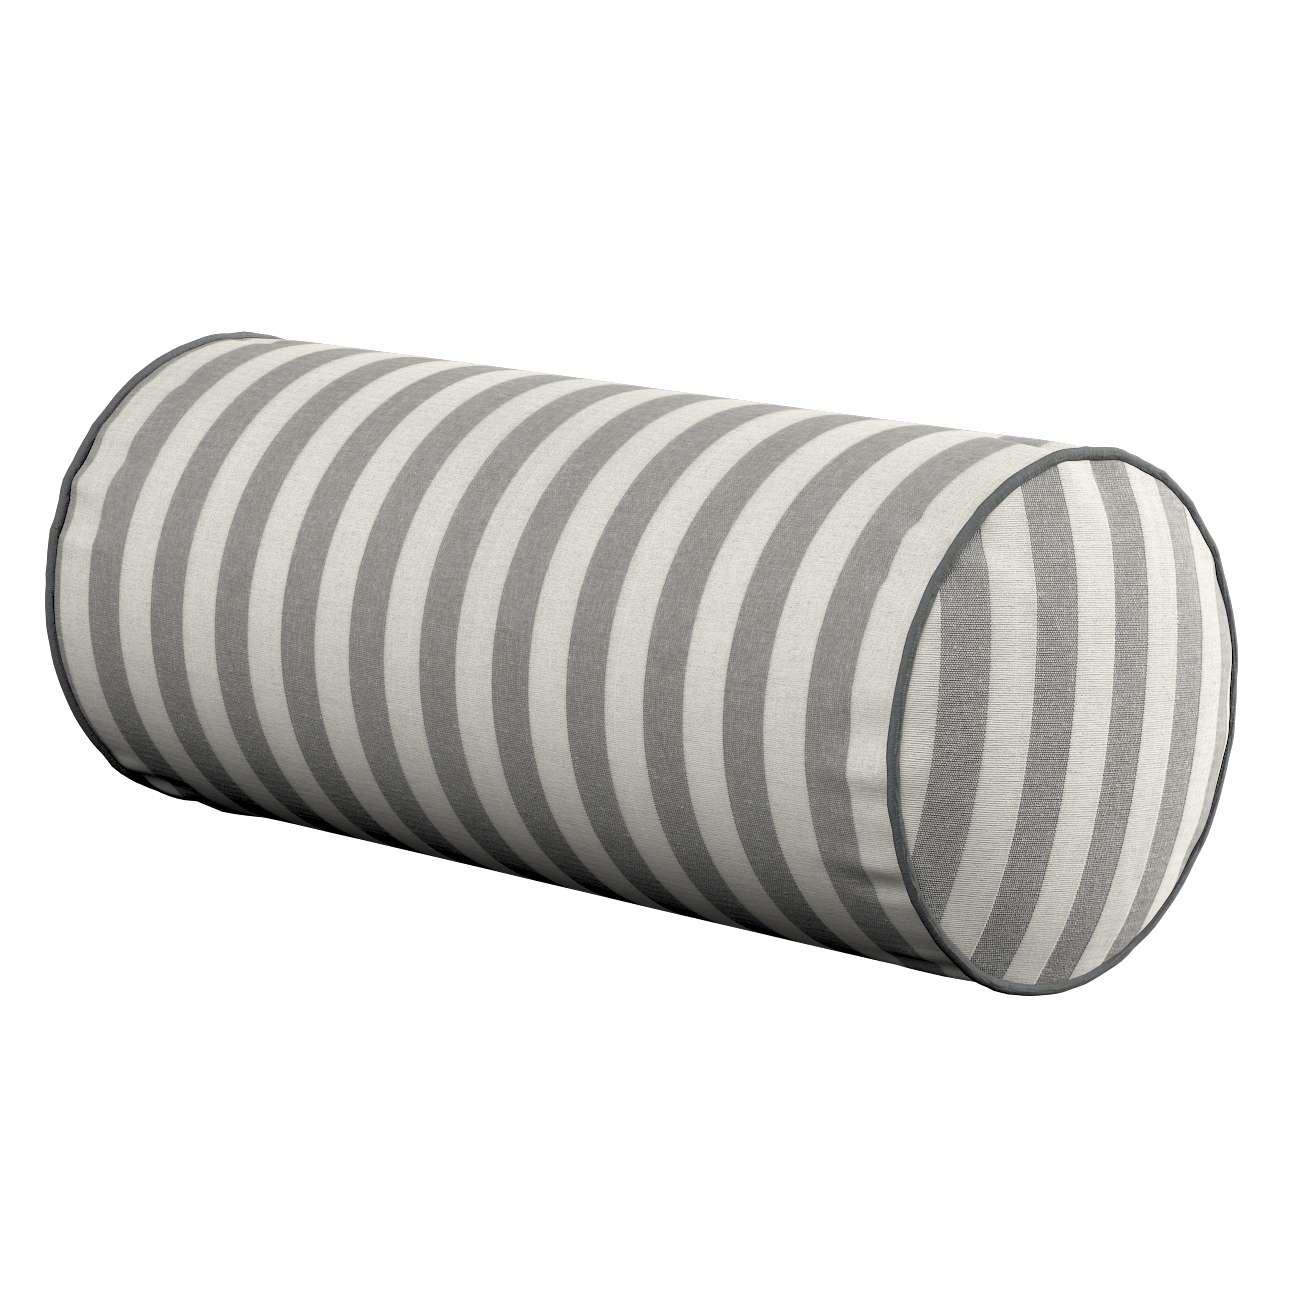 Poduszka wałek prosty Ø16x40cm w kolekcji Quadro, tkanina: 136-12